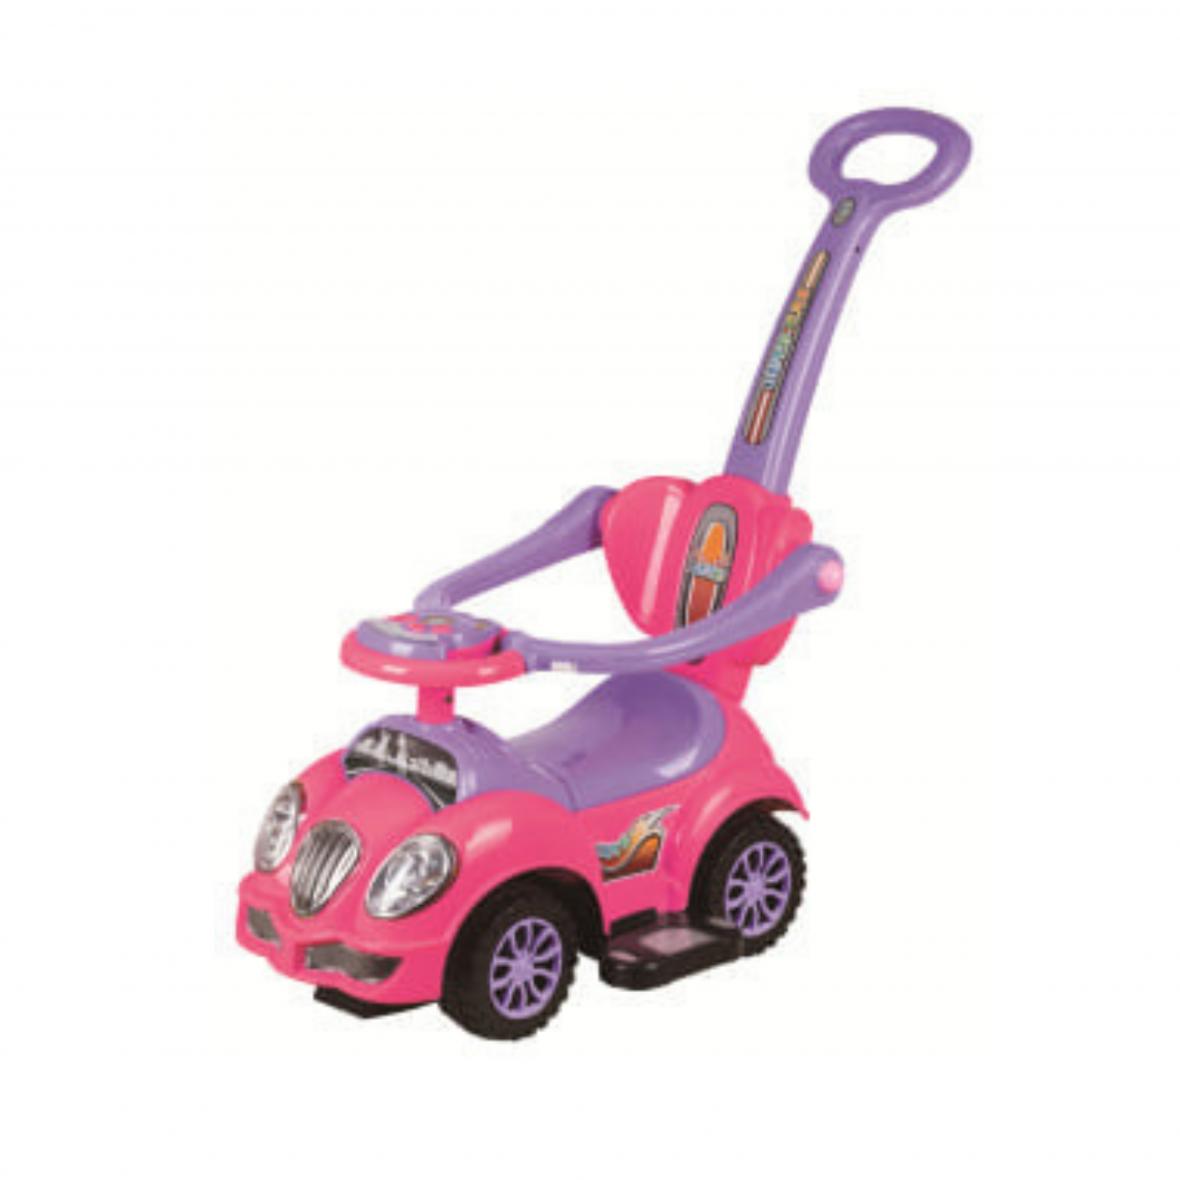 Auto Trotteur Cute avec Manche Pink